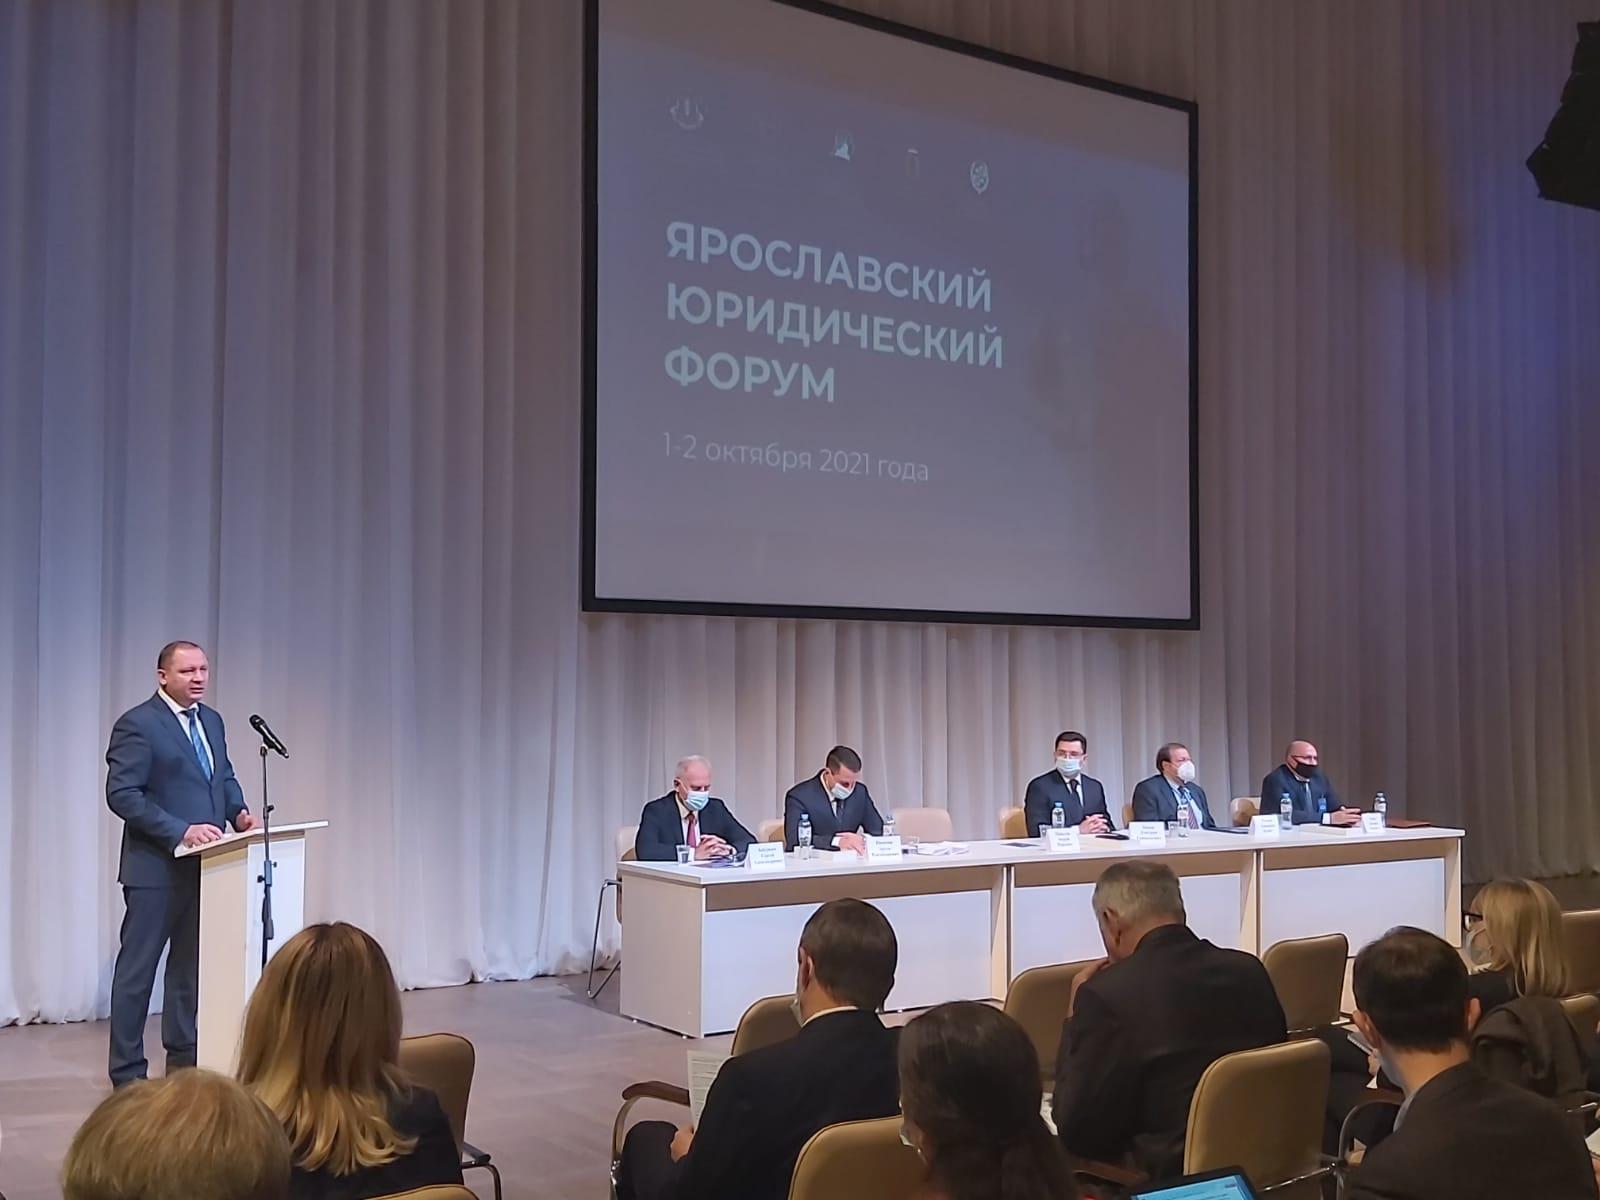 Российские и зарубежные специалисты решают актуальные правовые вопросы на Ярославском юридическом форуме